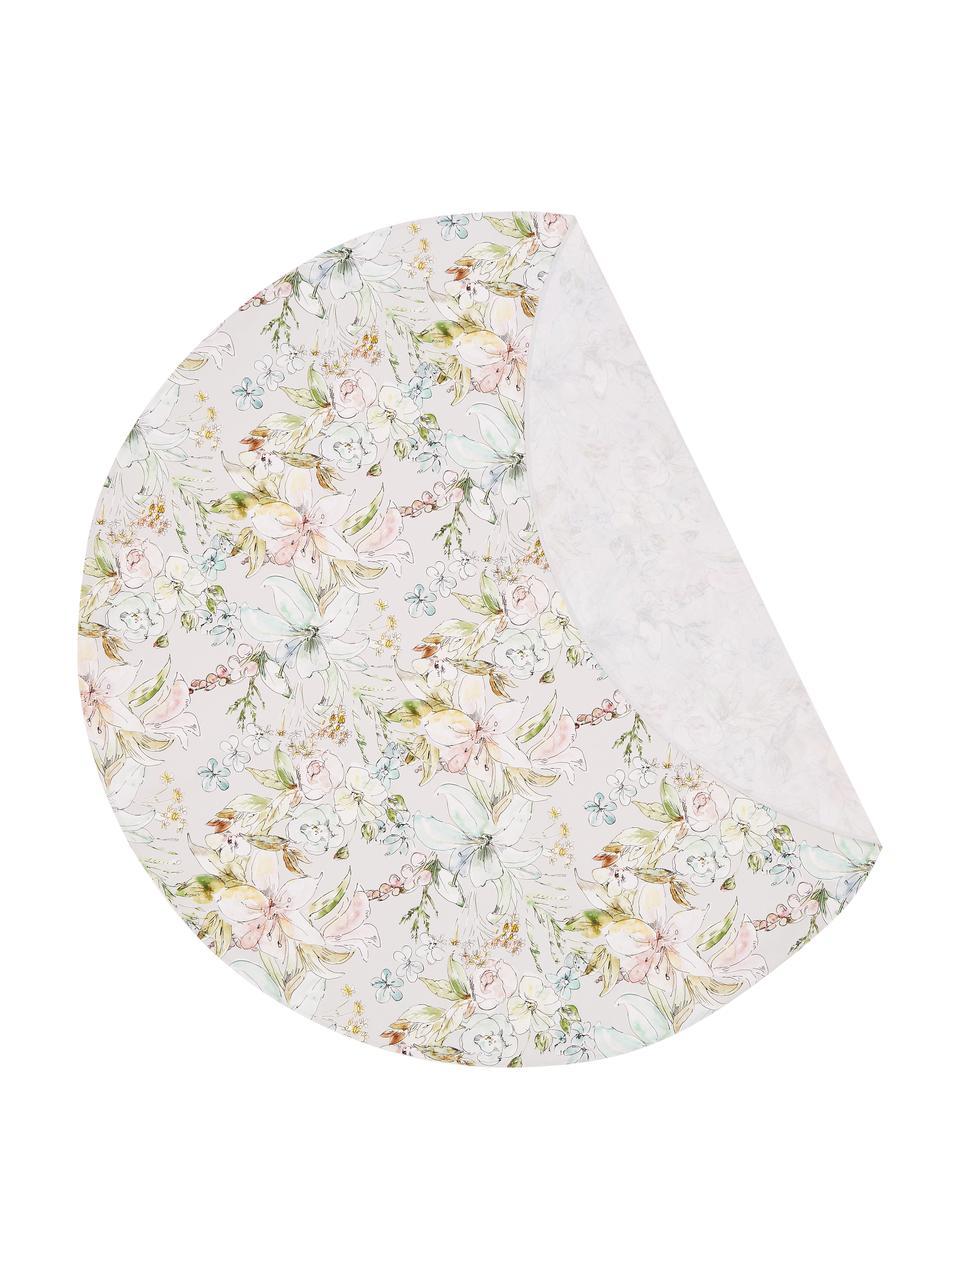 Runde Tischdecke Angelina, 100% Baumwolle, Mehrfarbig, Ø 170 cm